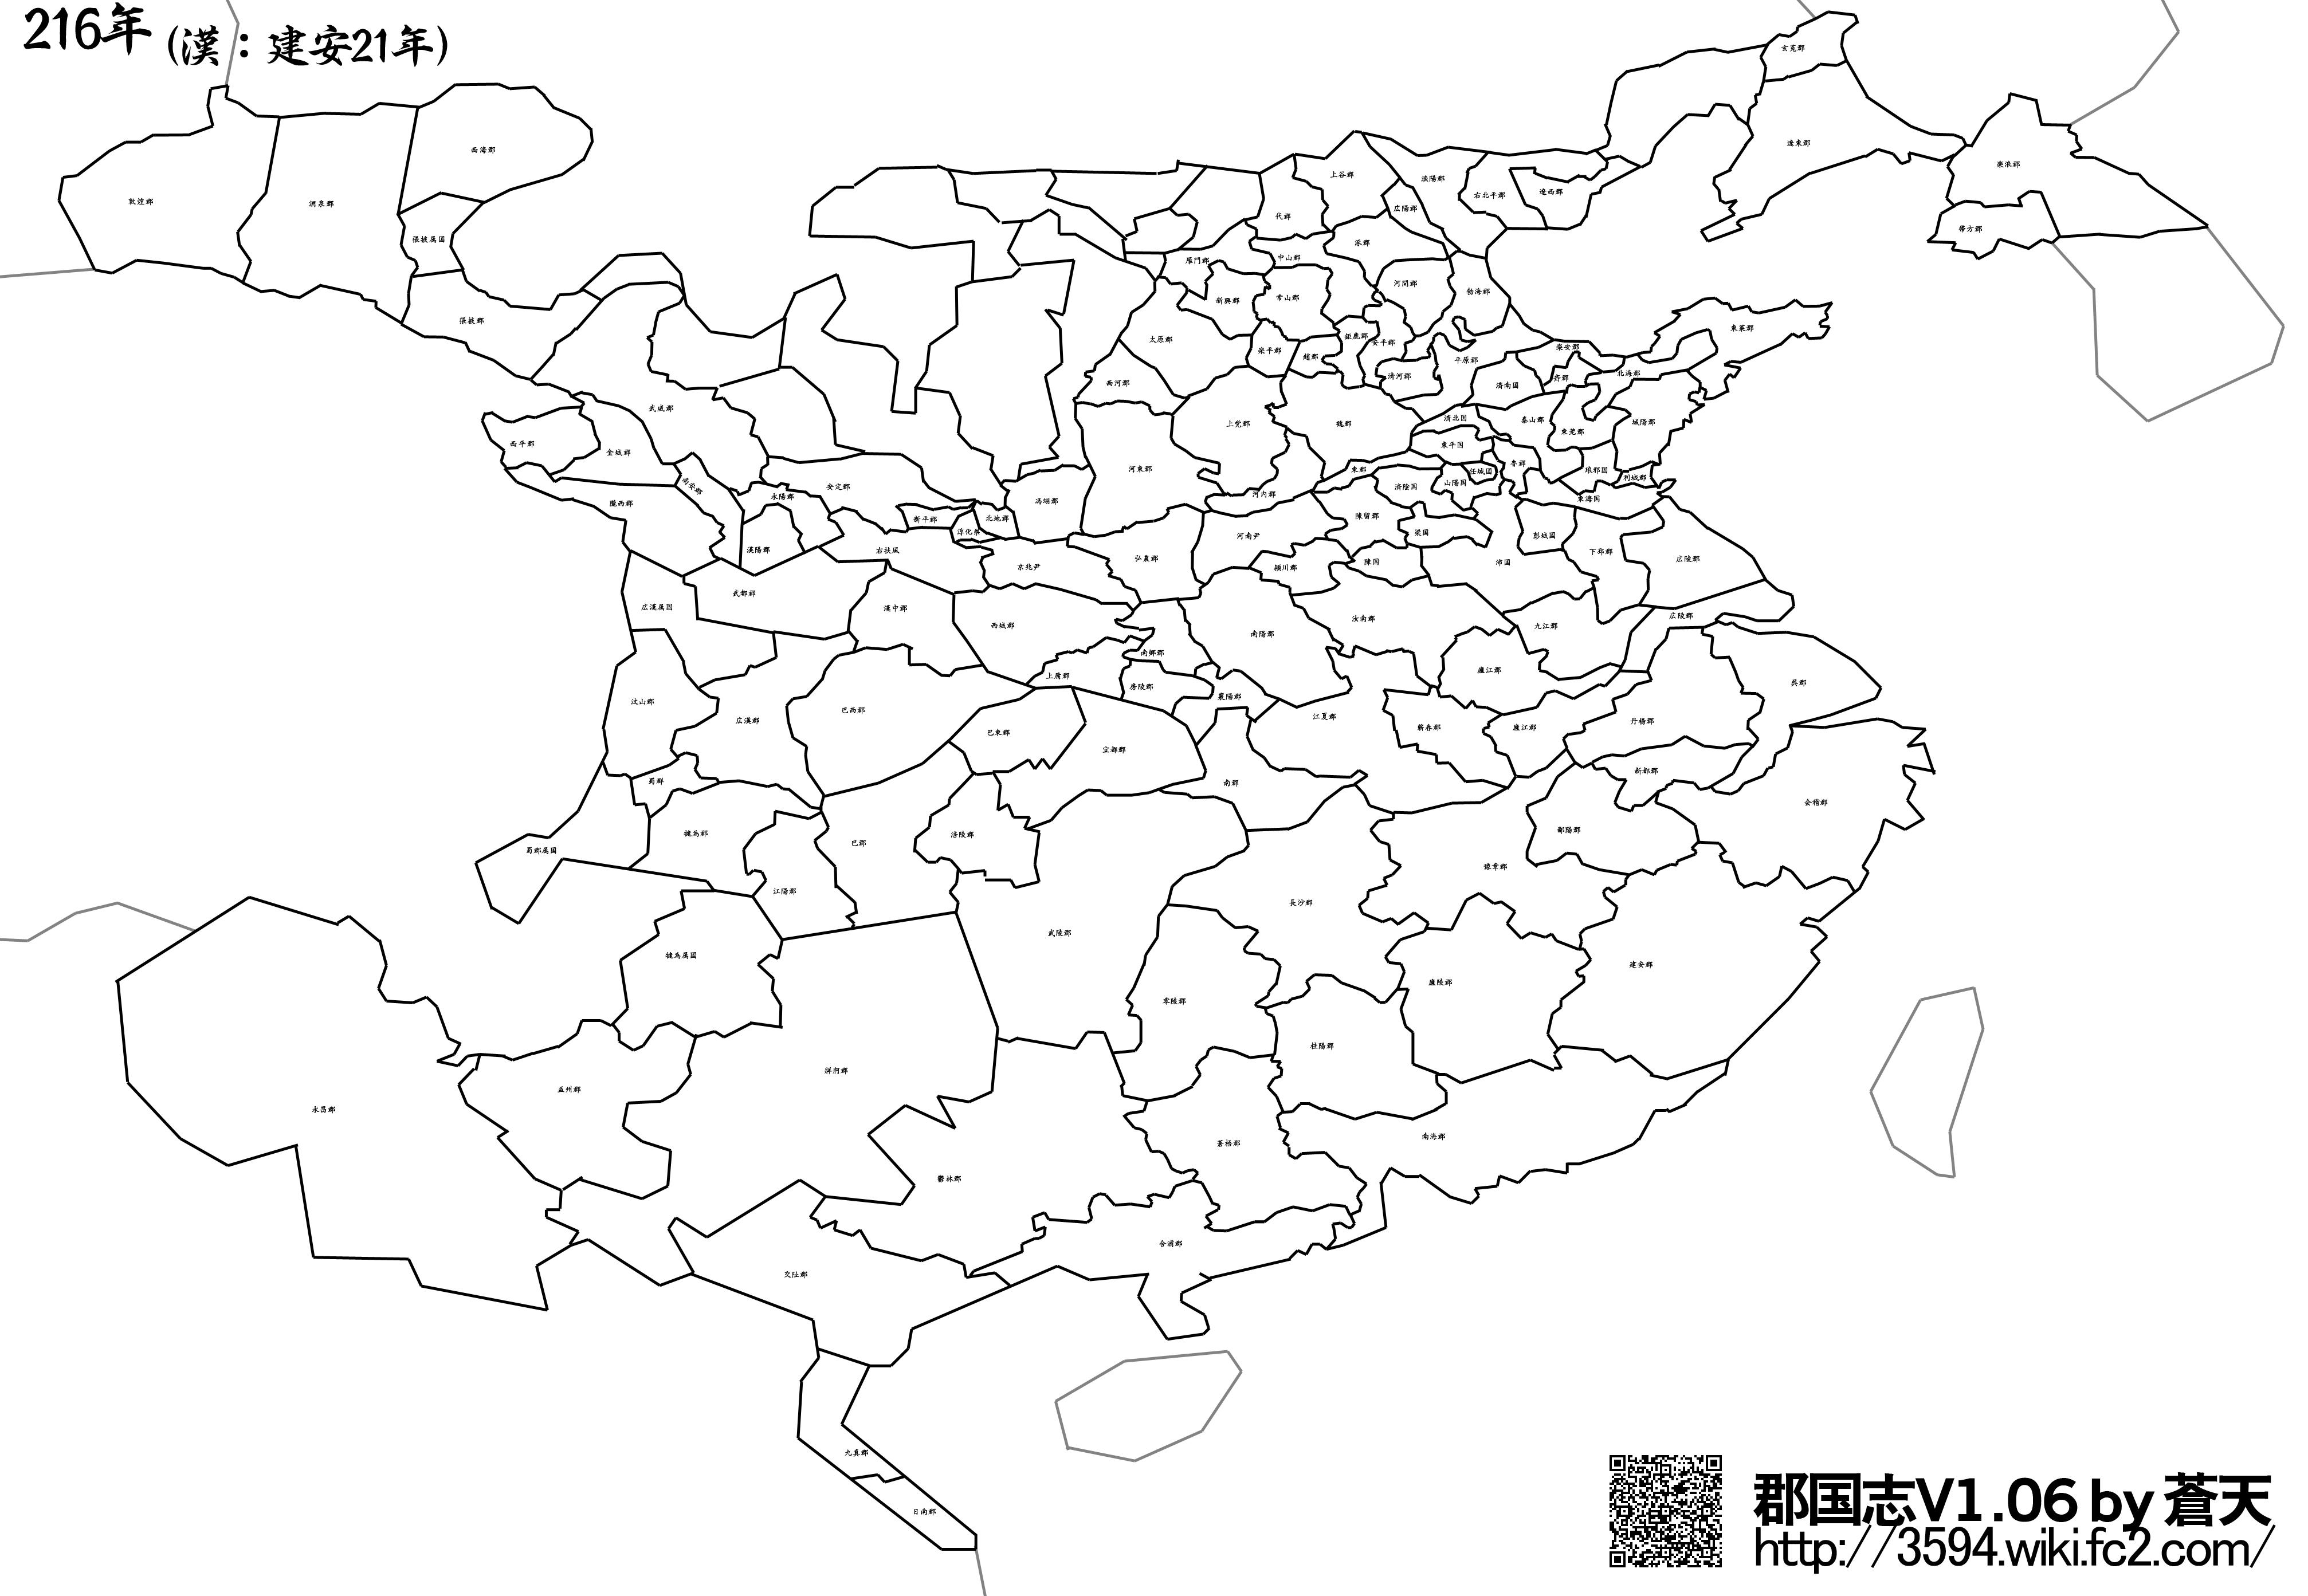 郡国志v106_216年